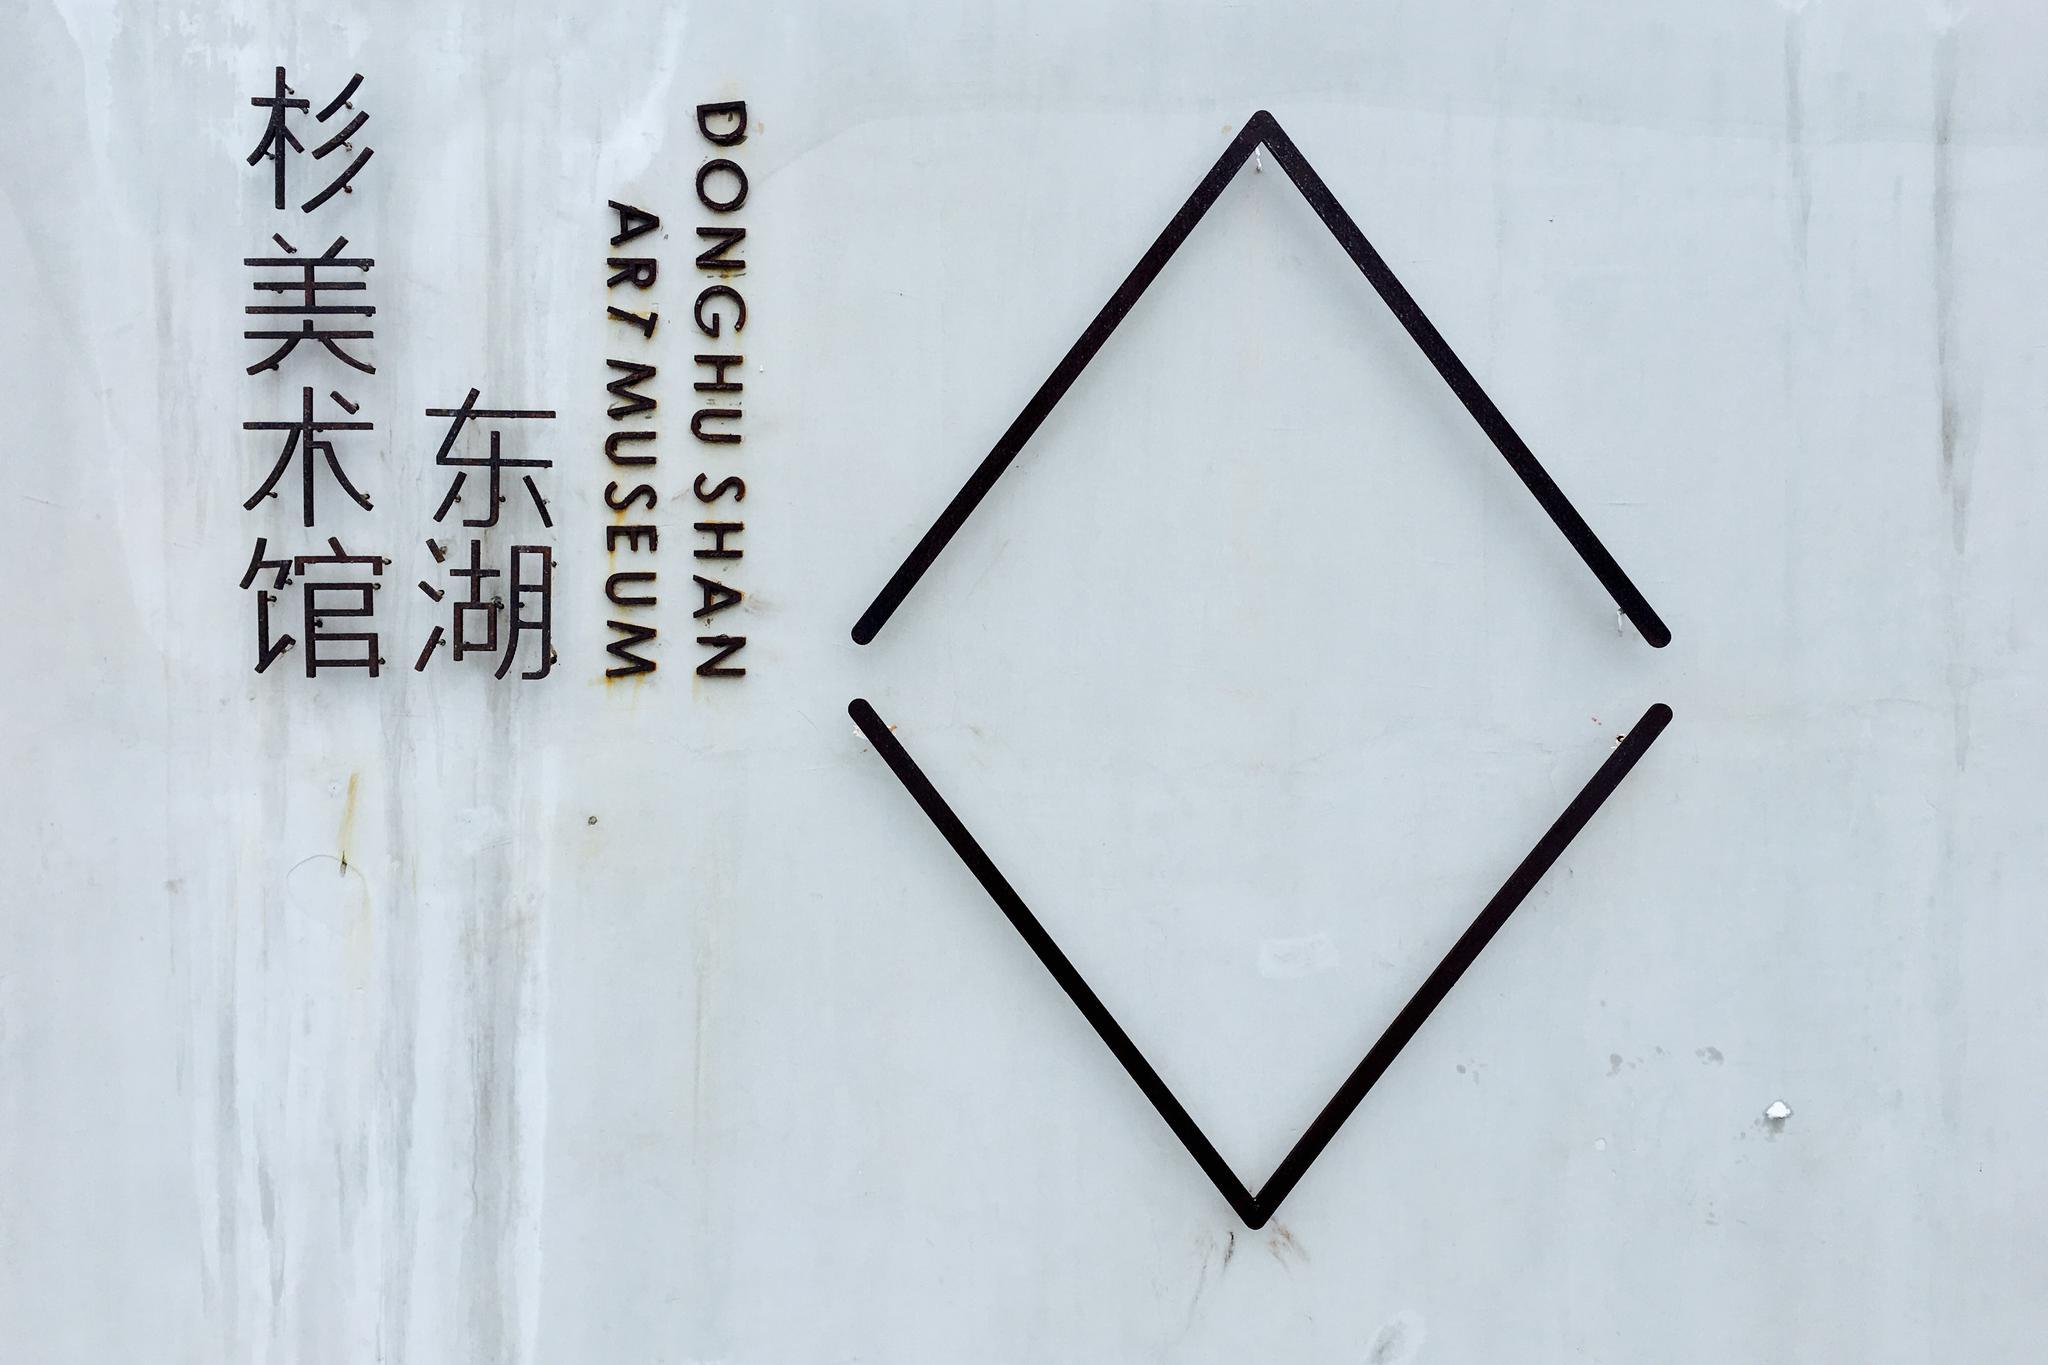 磨山又一好去处--东湖杉美术馆(武汉 东湖风景区磨山揽翠)